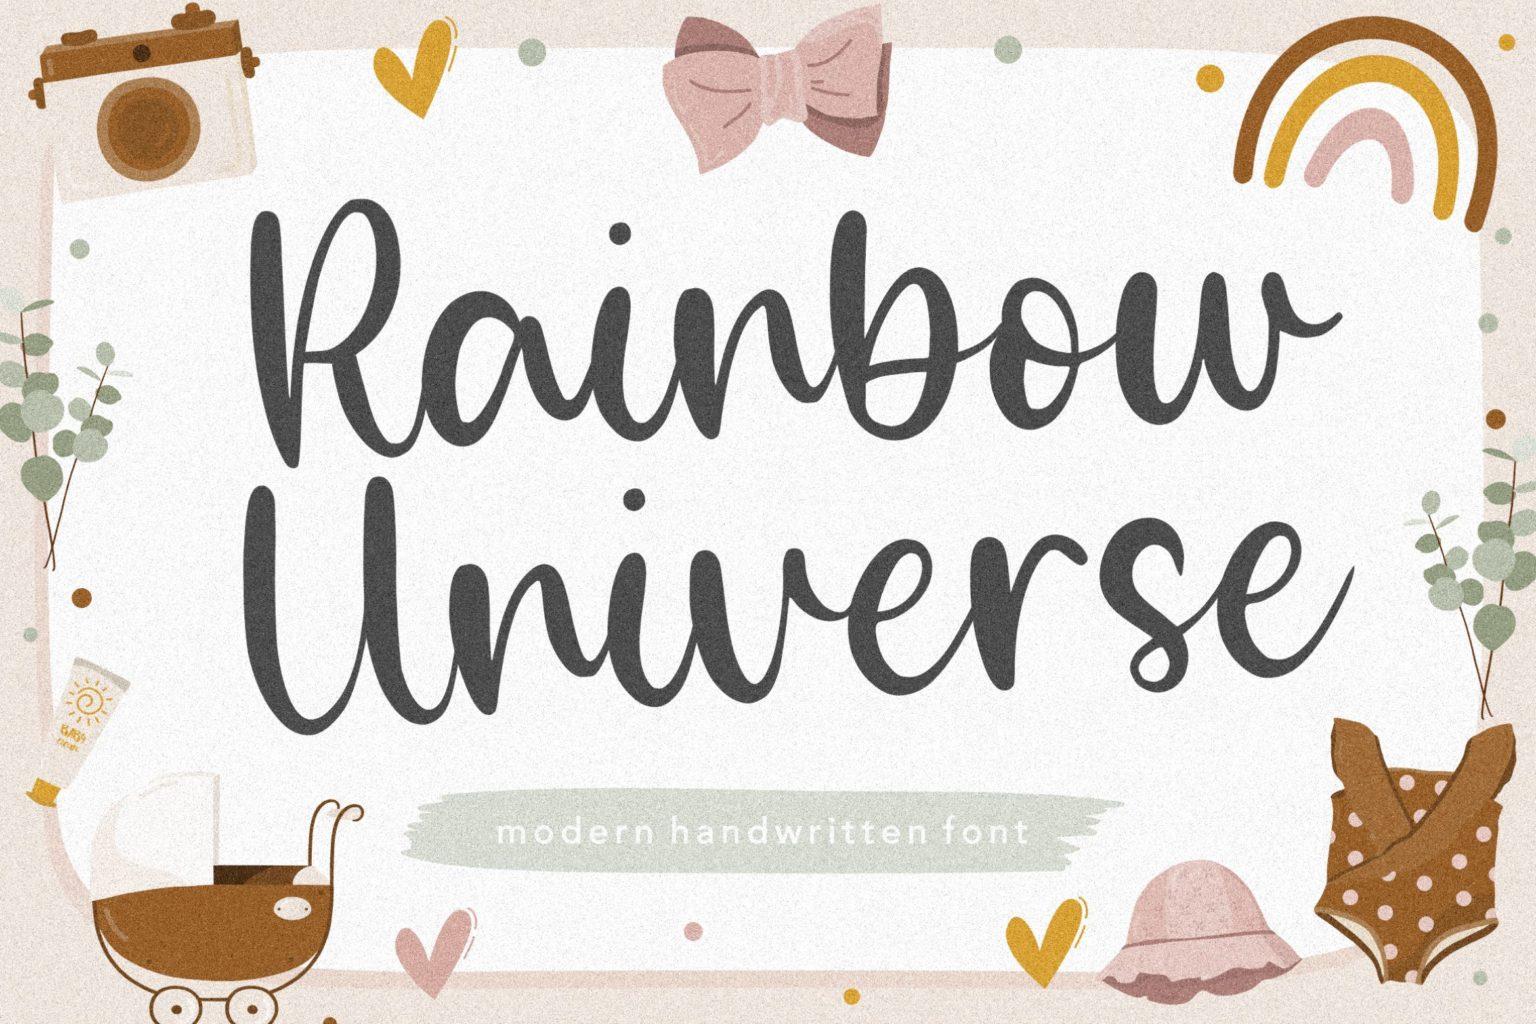 Rainbow Universe Modern Handwritten Font-1